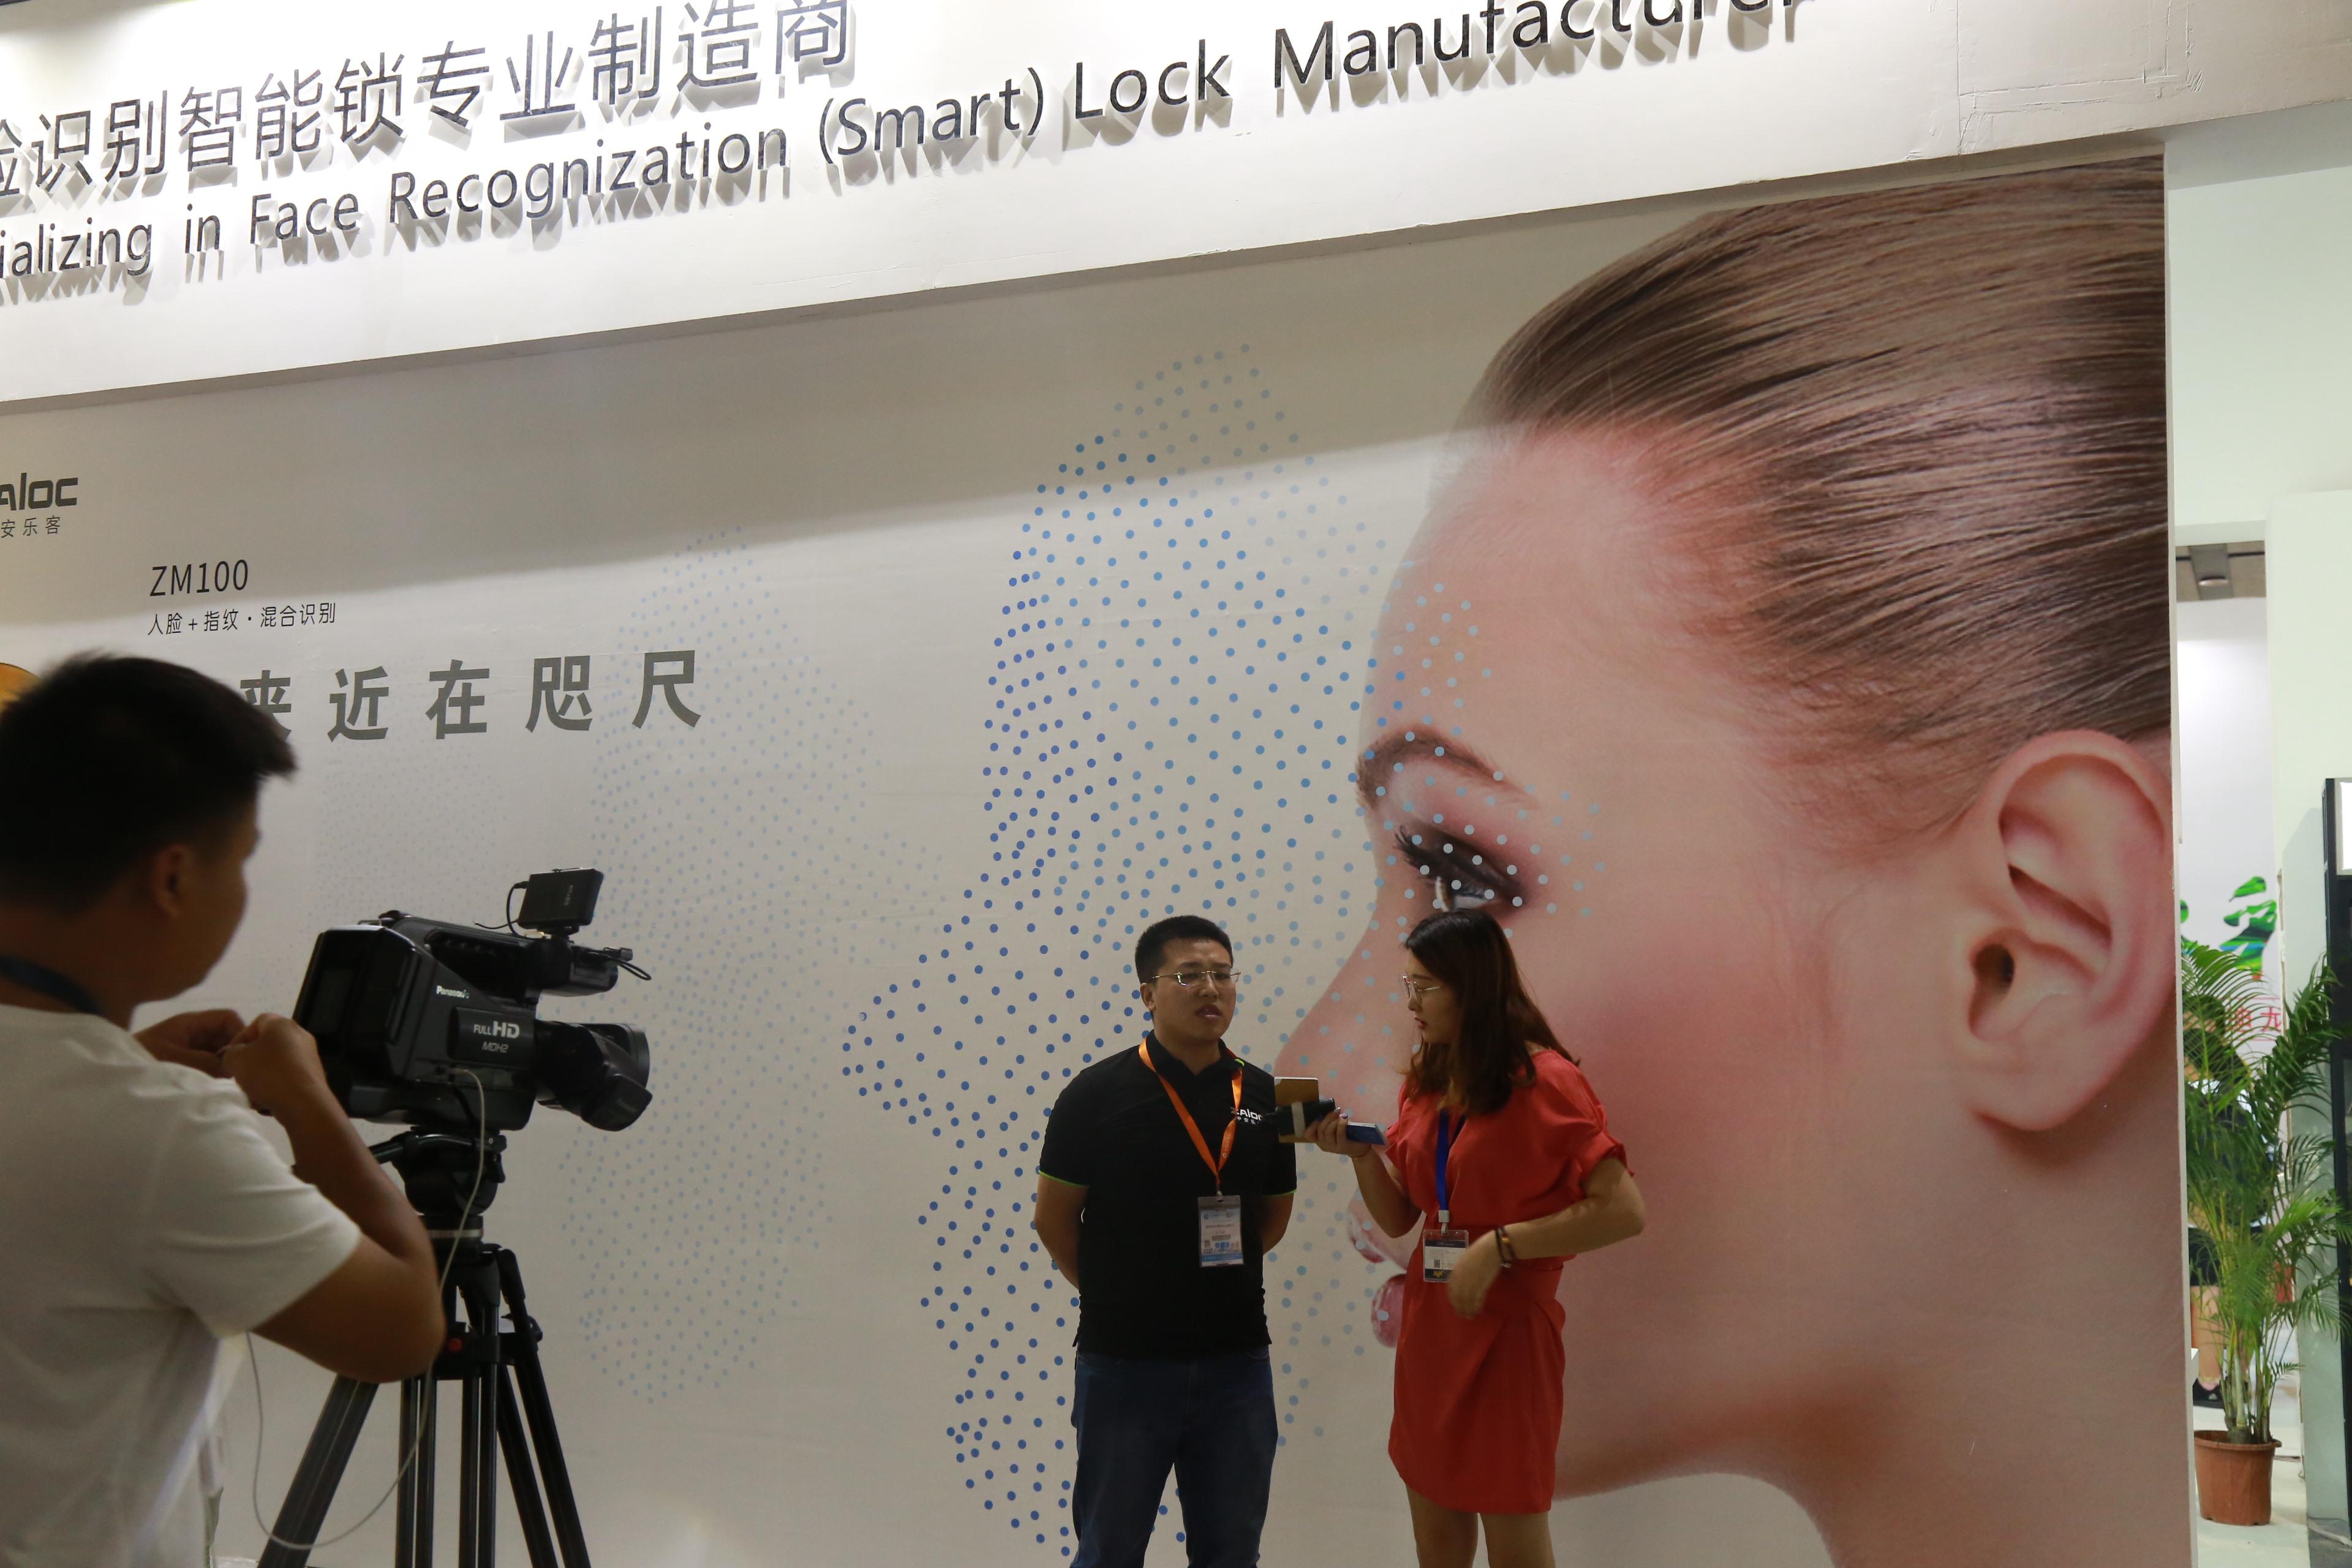 回顧廣州建博會商機,智能鎖市場巨大,即將引發新一輪投資高潮